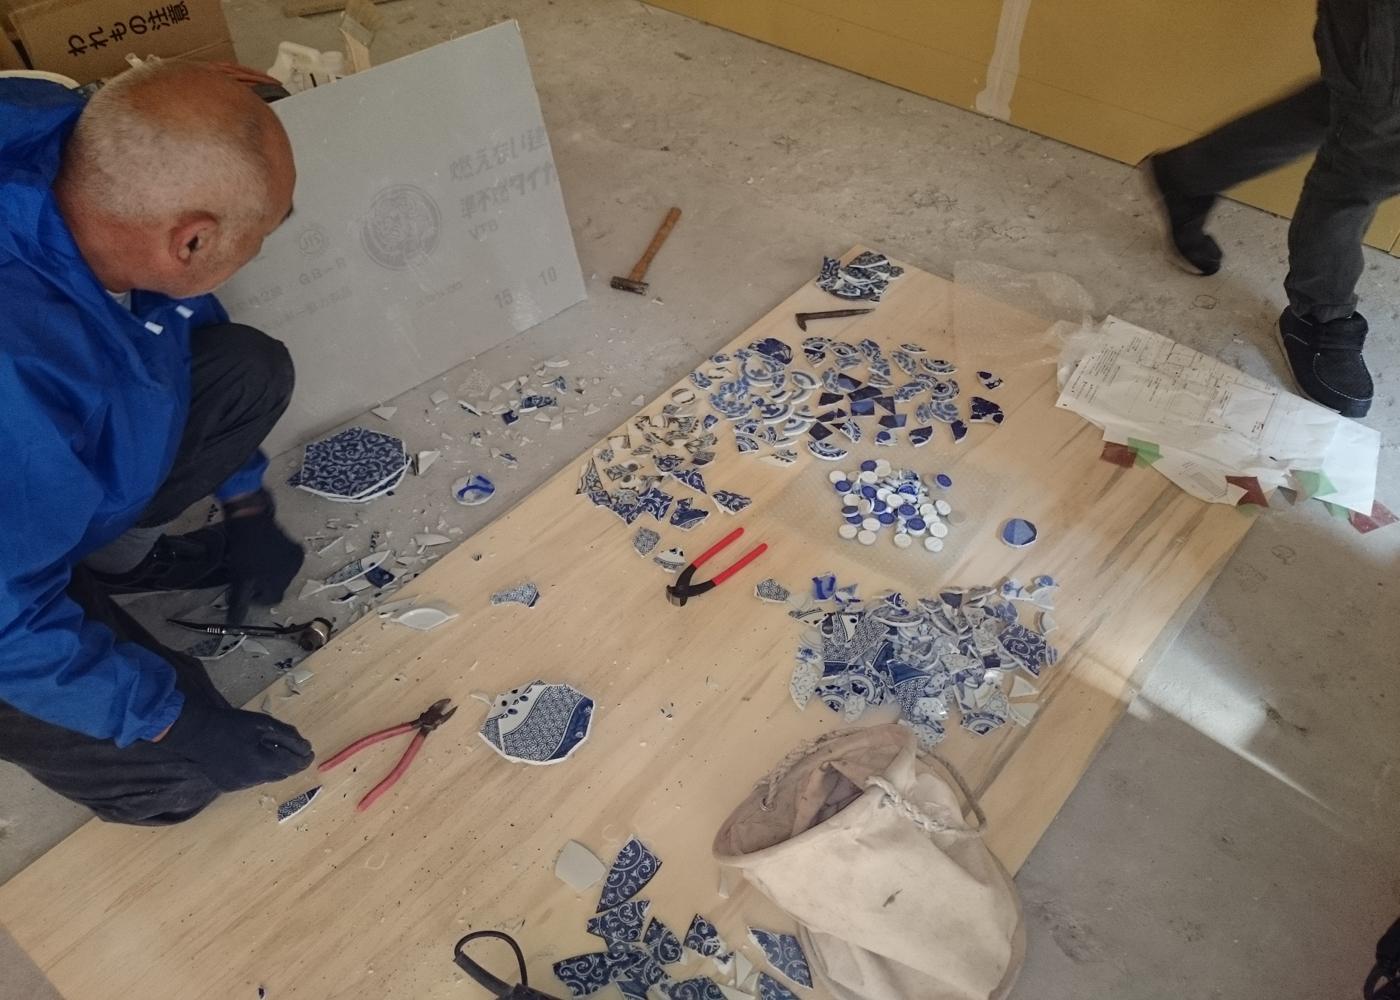 フィルメランジェ店舗こだわりの床素材セレクト中。古い絵皿を加工して床にちりばめます。